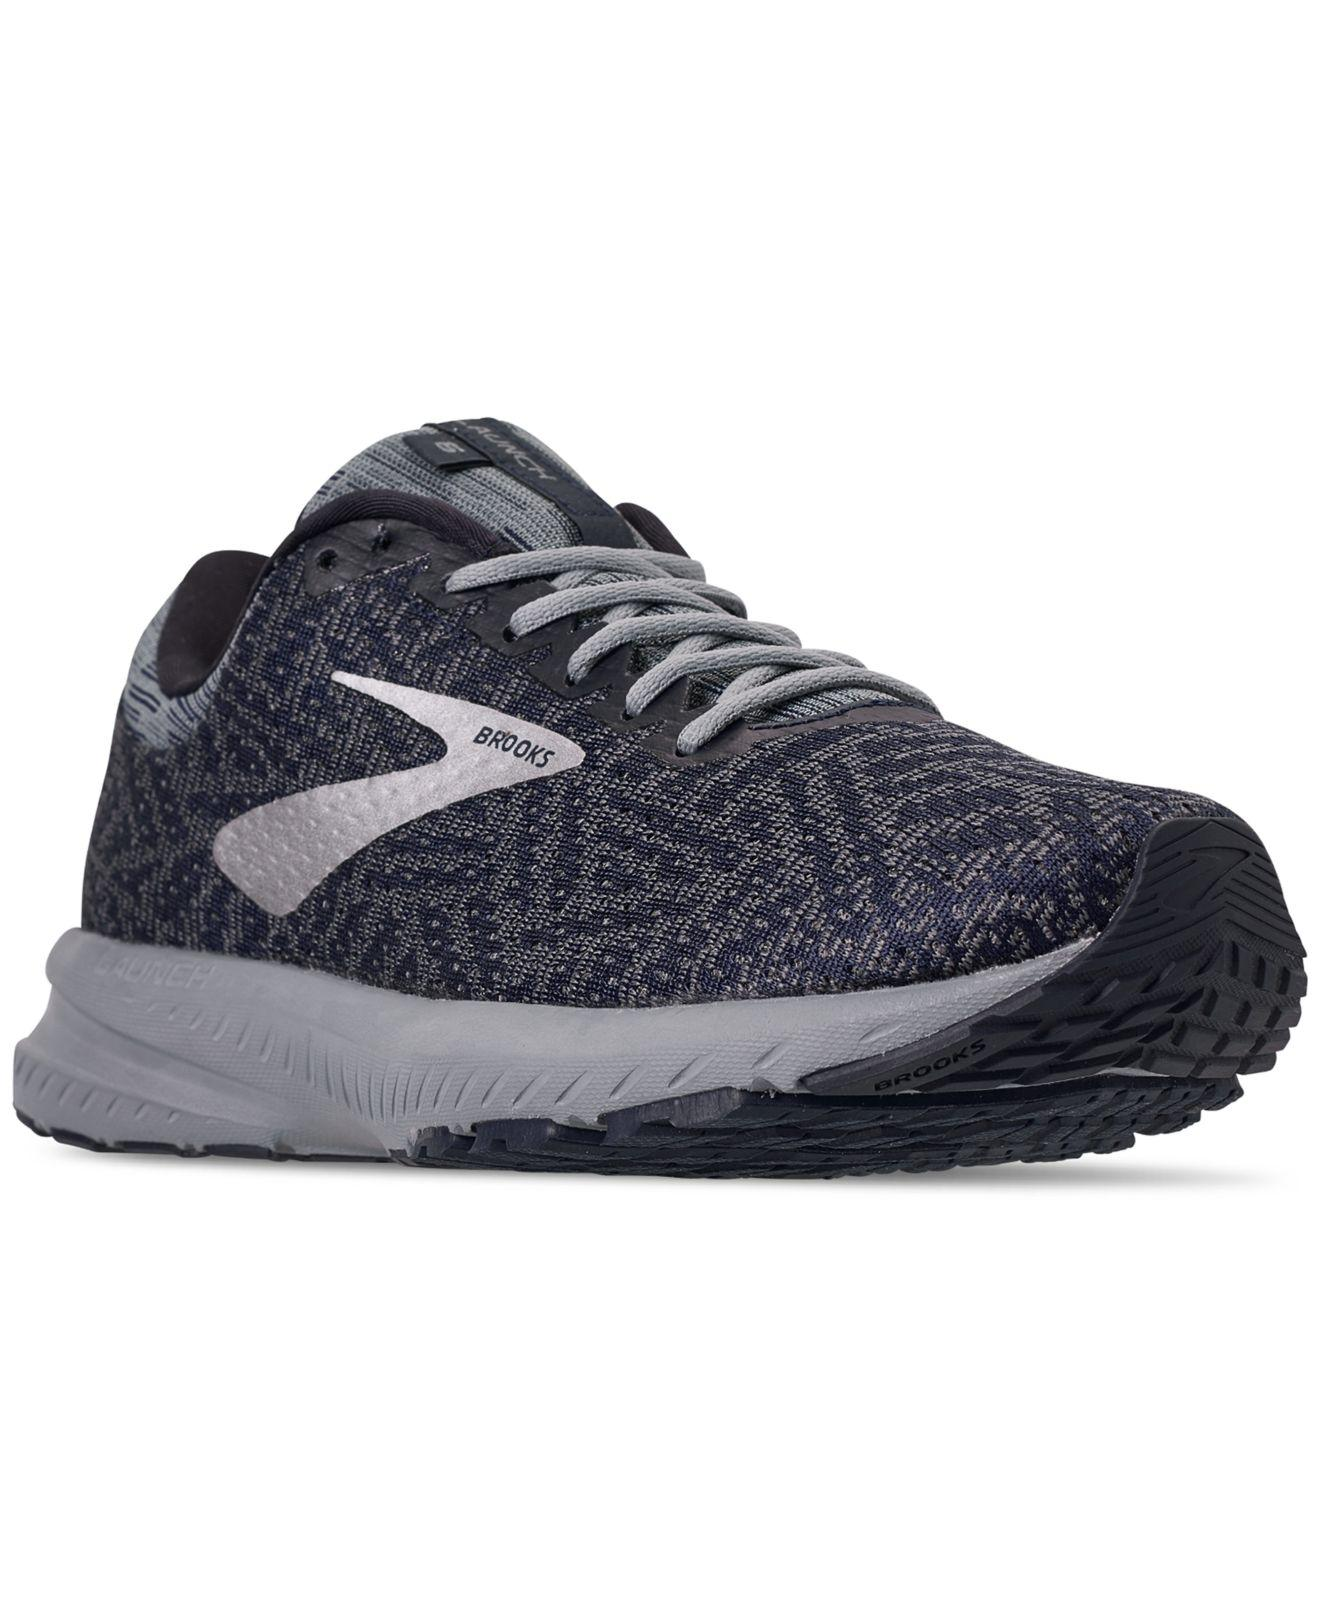 cd0e3e9e25f Brooks - Blue Launch 6 Running Sneakers From Finish Line for Men - Lyst.  View fullscreen